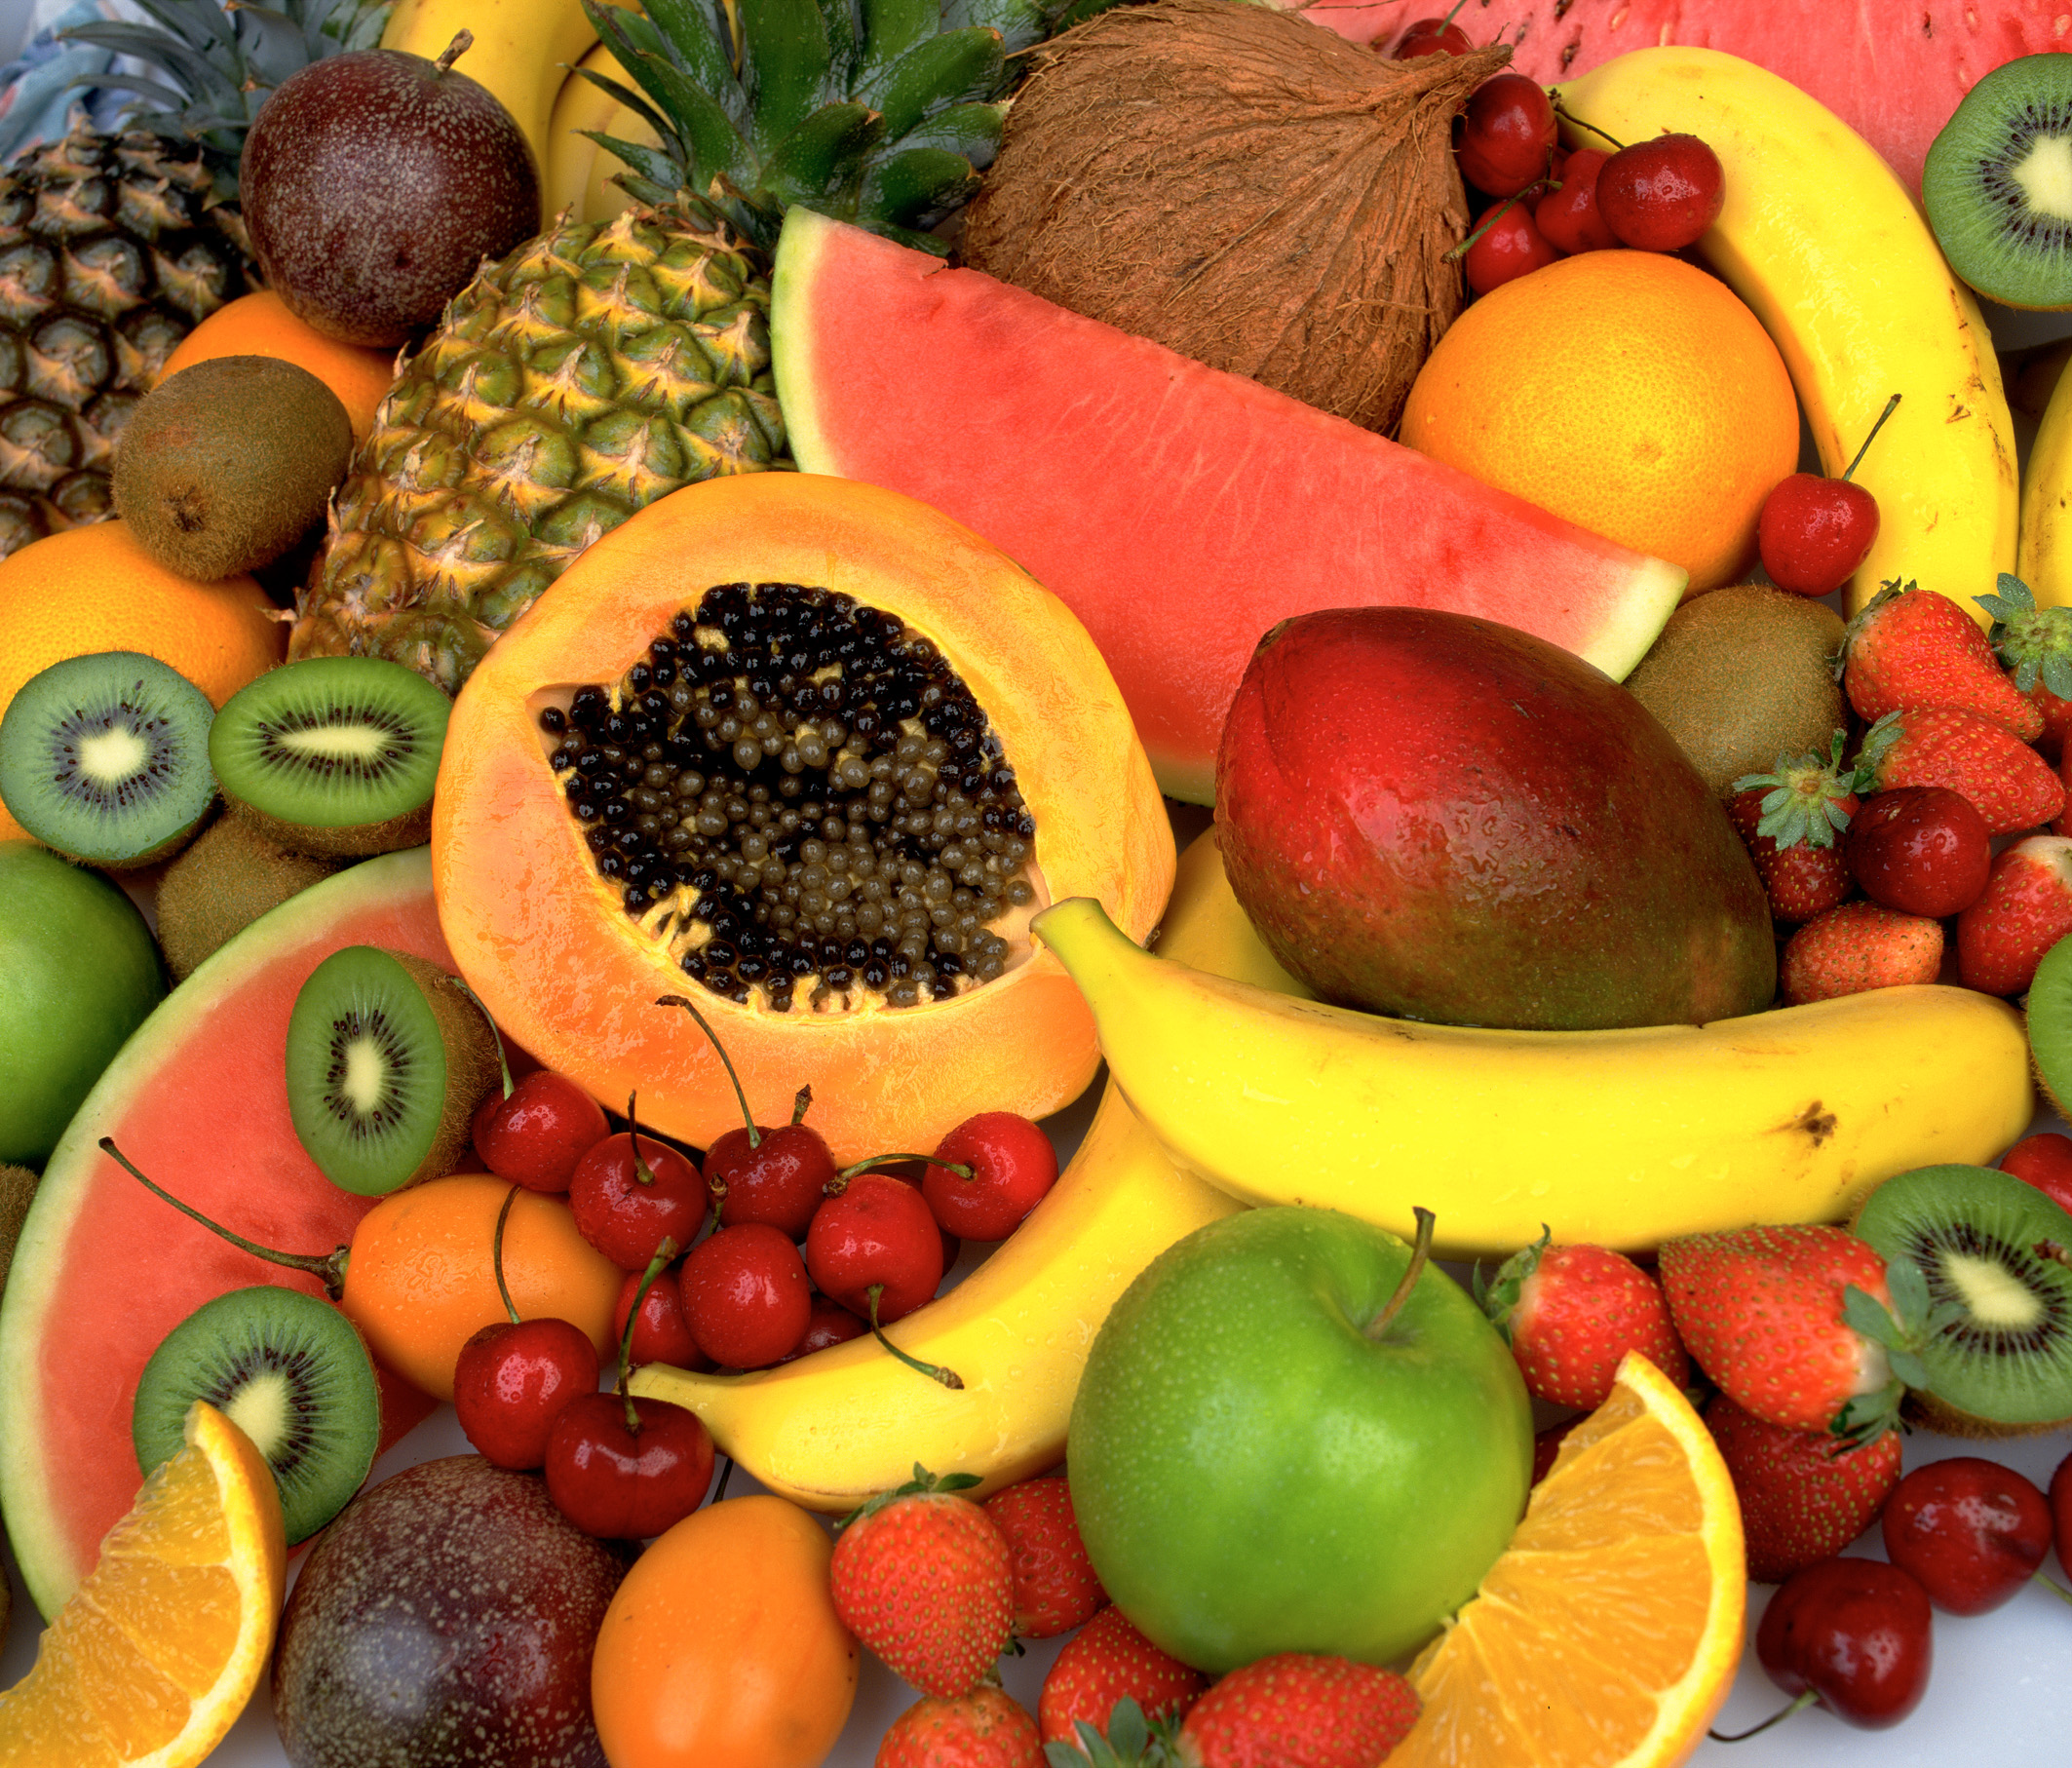 как питаться при повышенном холестерине в крови